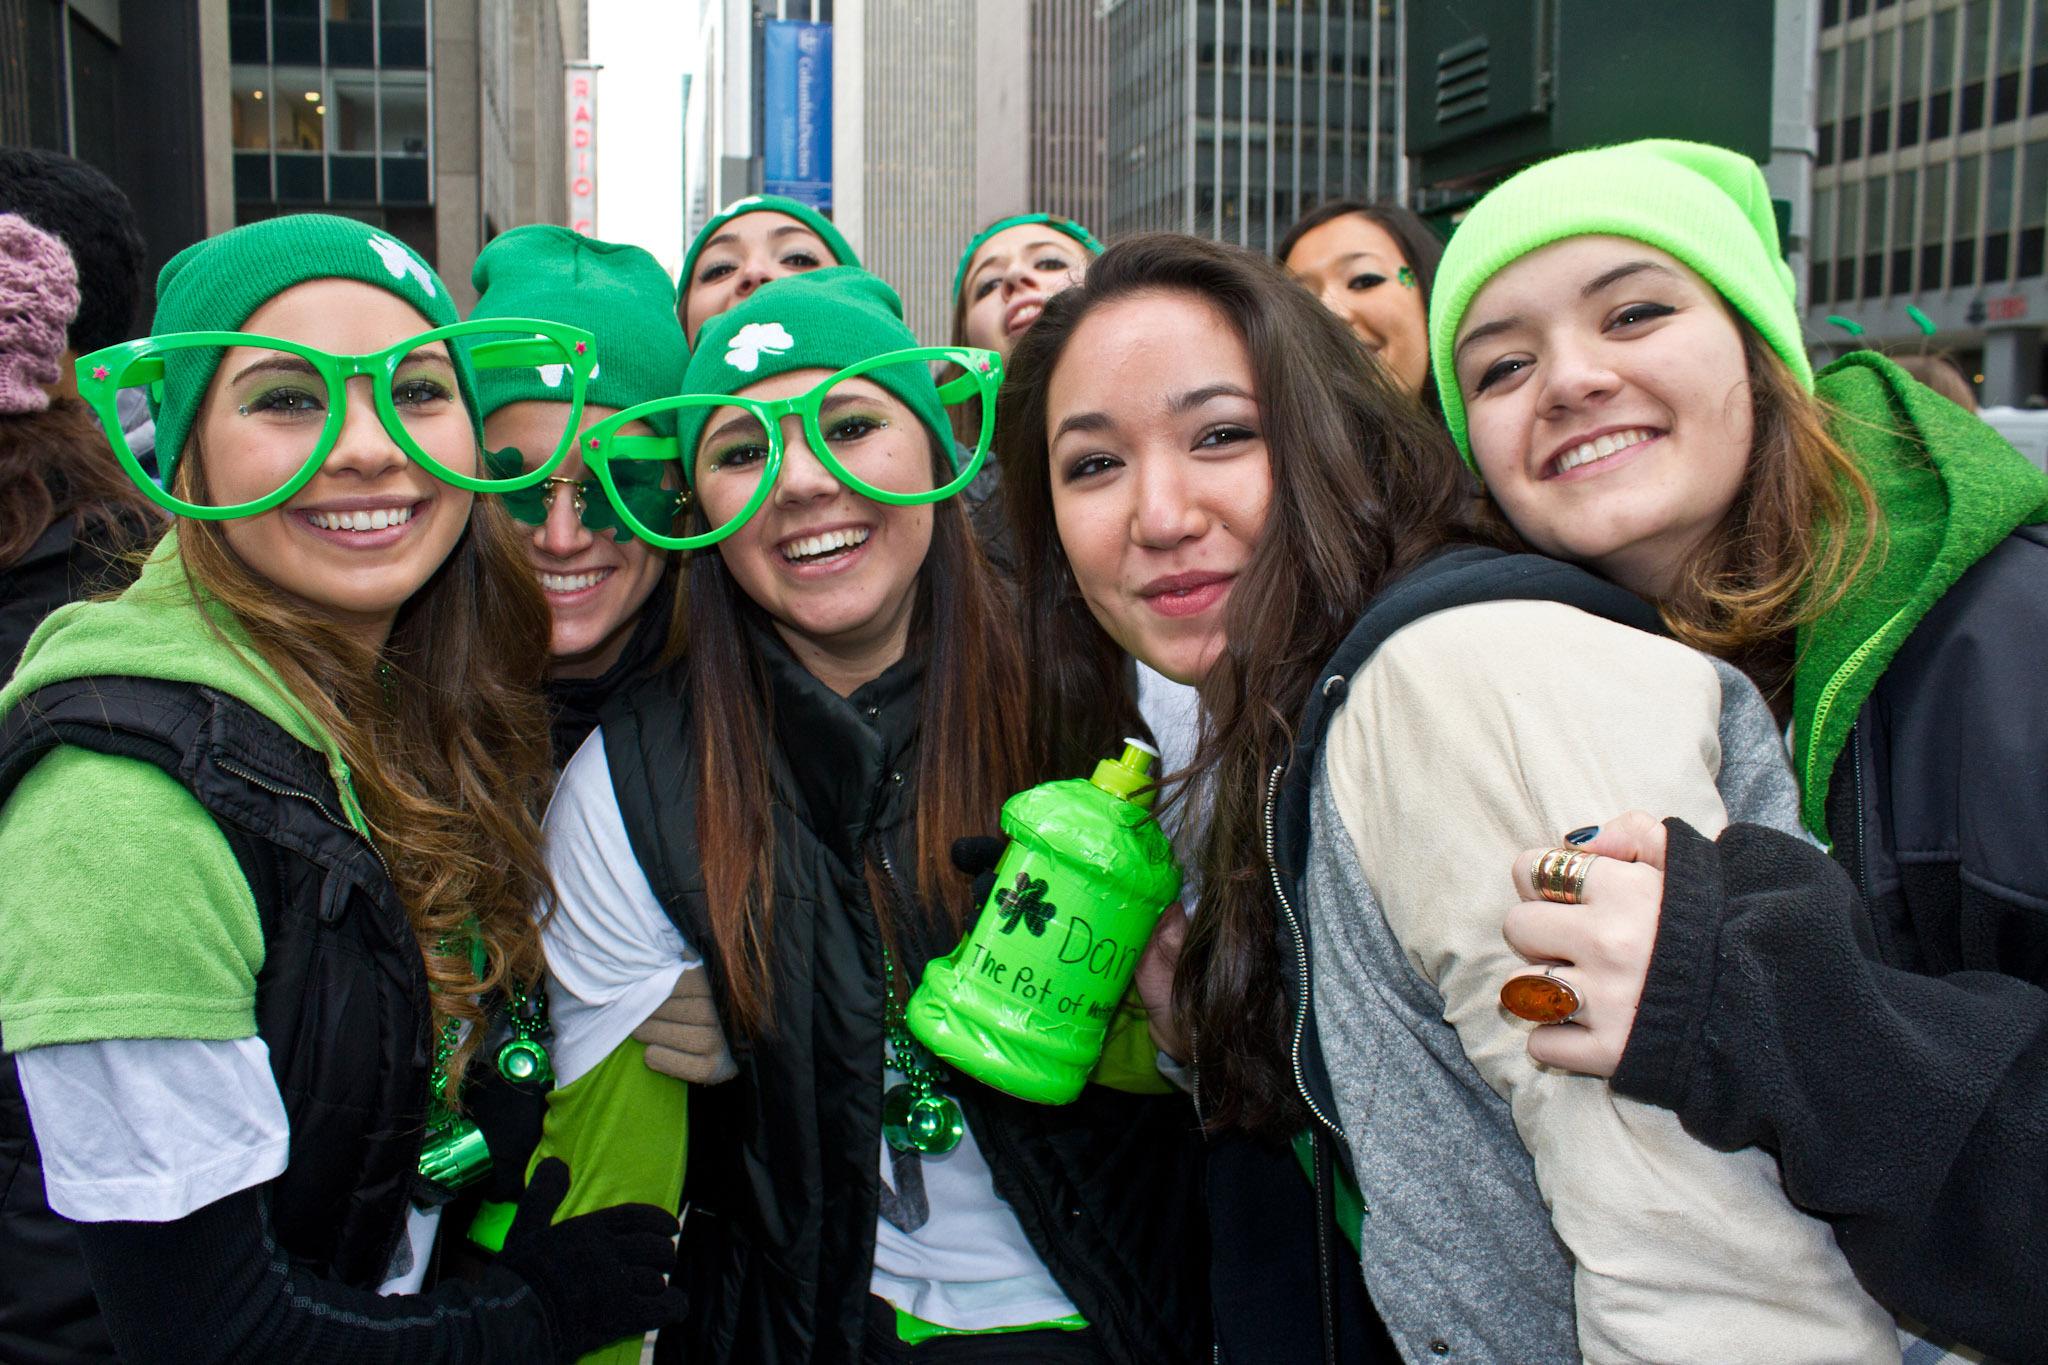 Drunk college girls Nude Photos 29